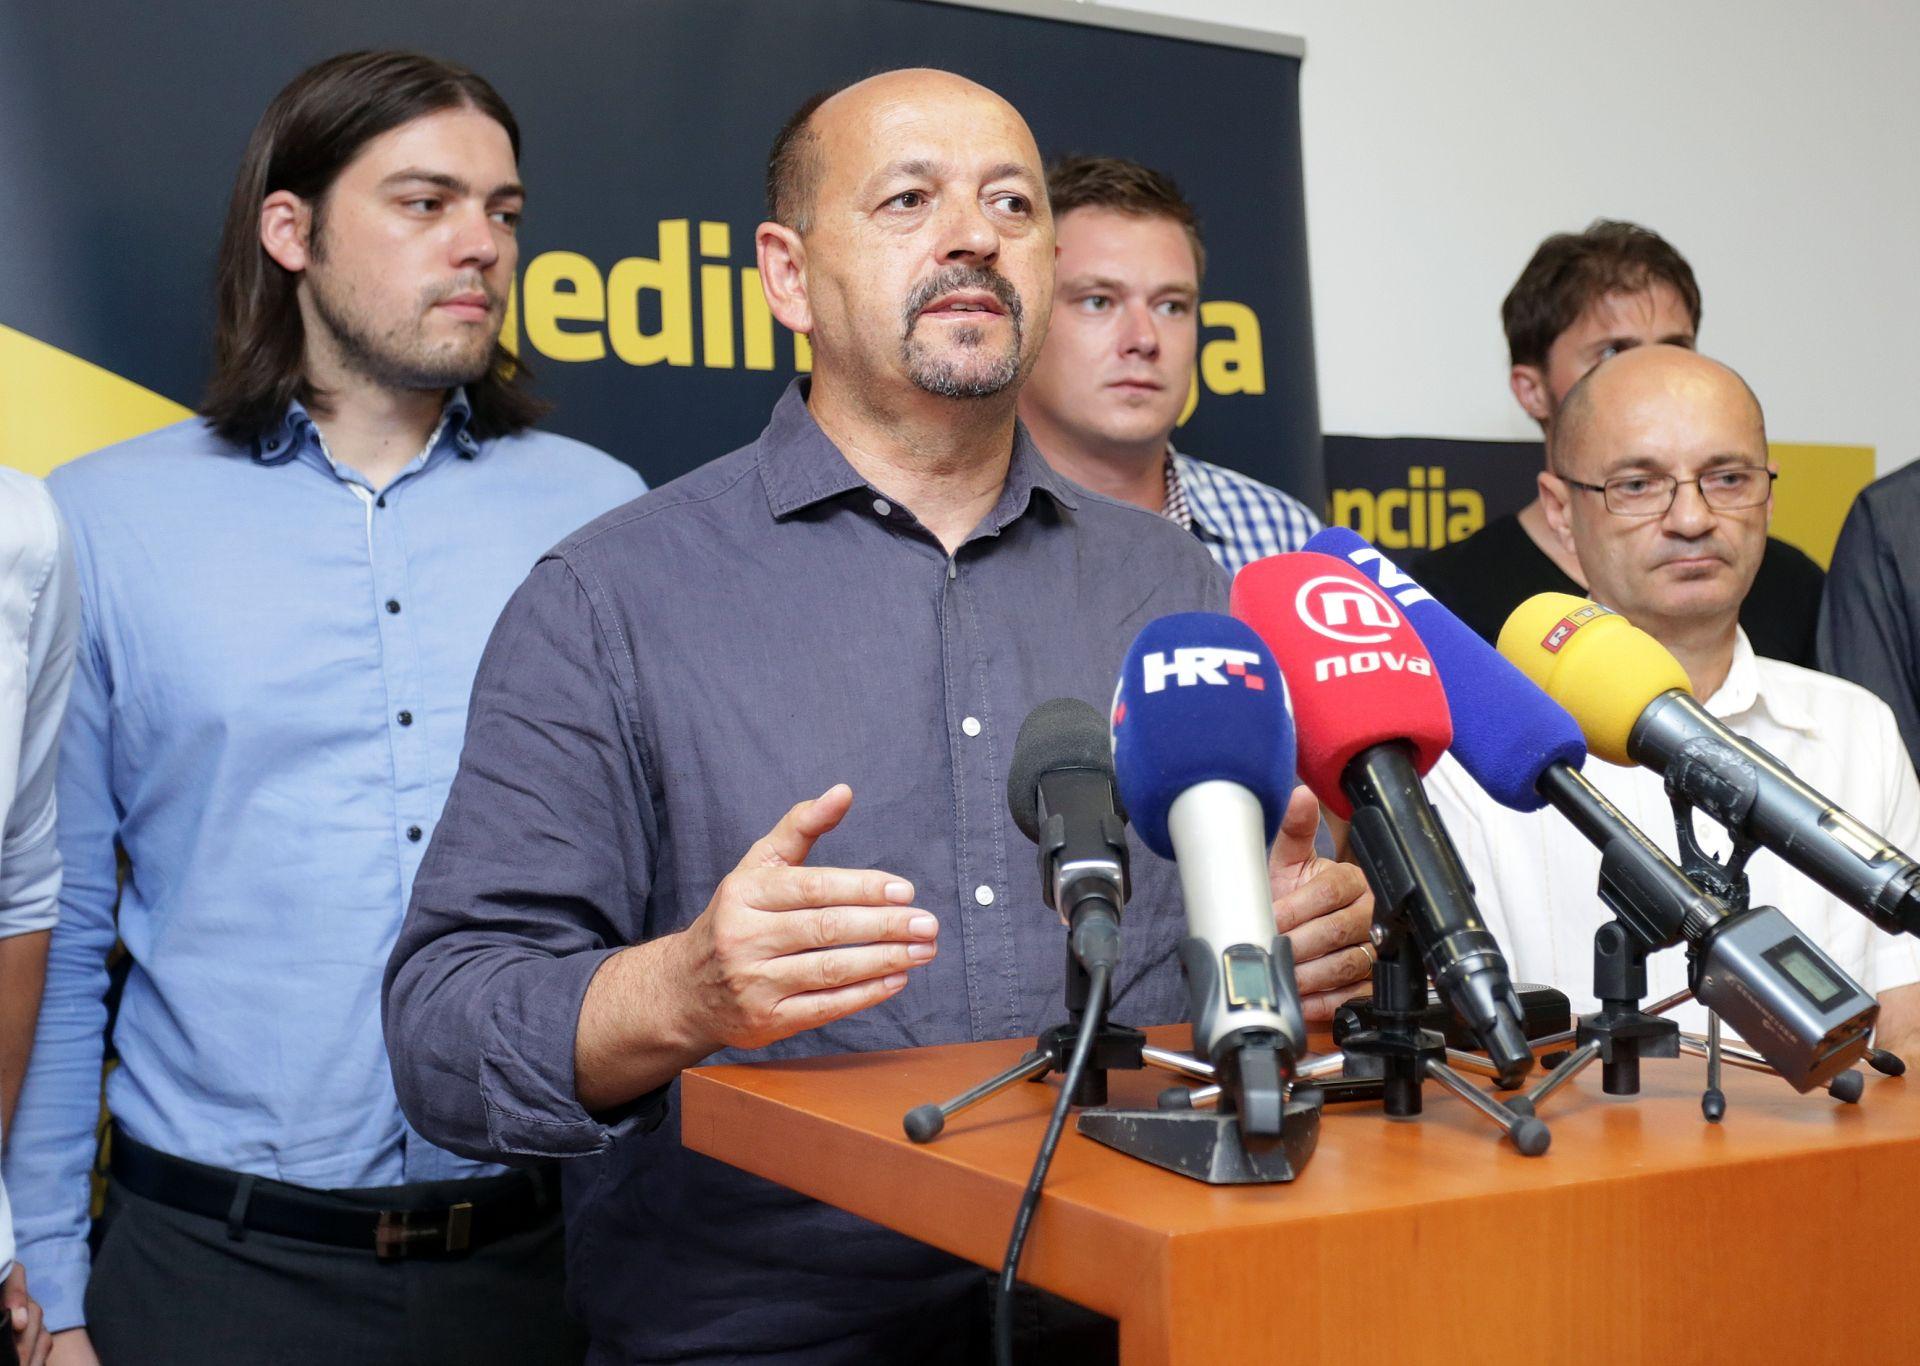 """REAKCIJA NA OPTUŽBE Lovrinović: Preko Runtića se pokušava destabilizirati """"Jedina opcija"""""""